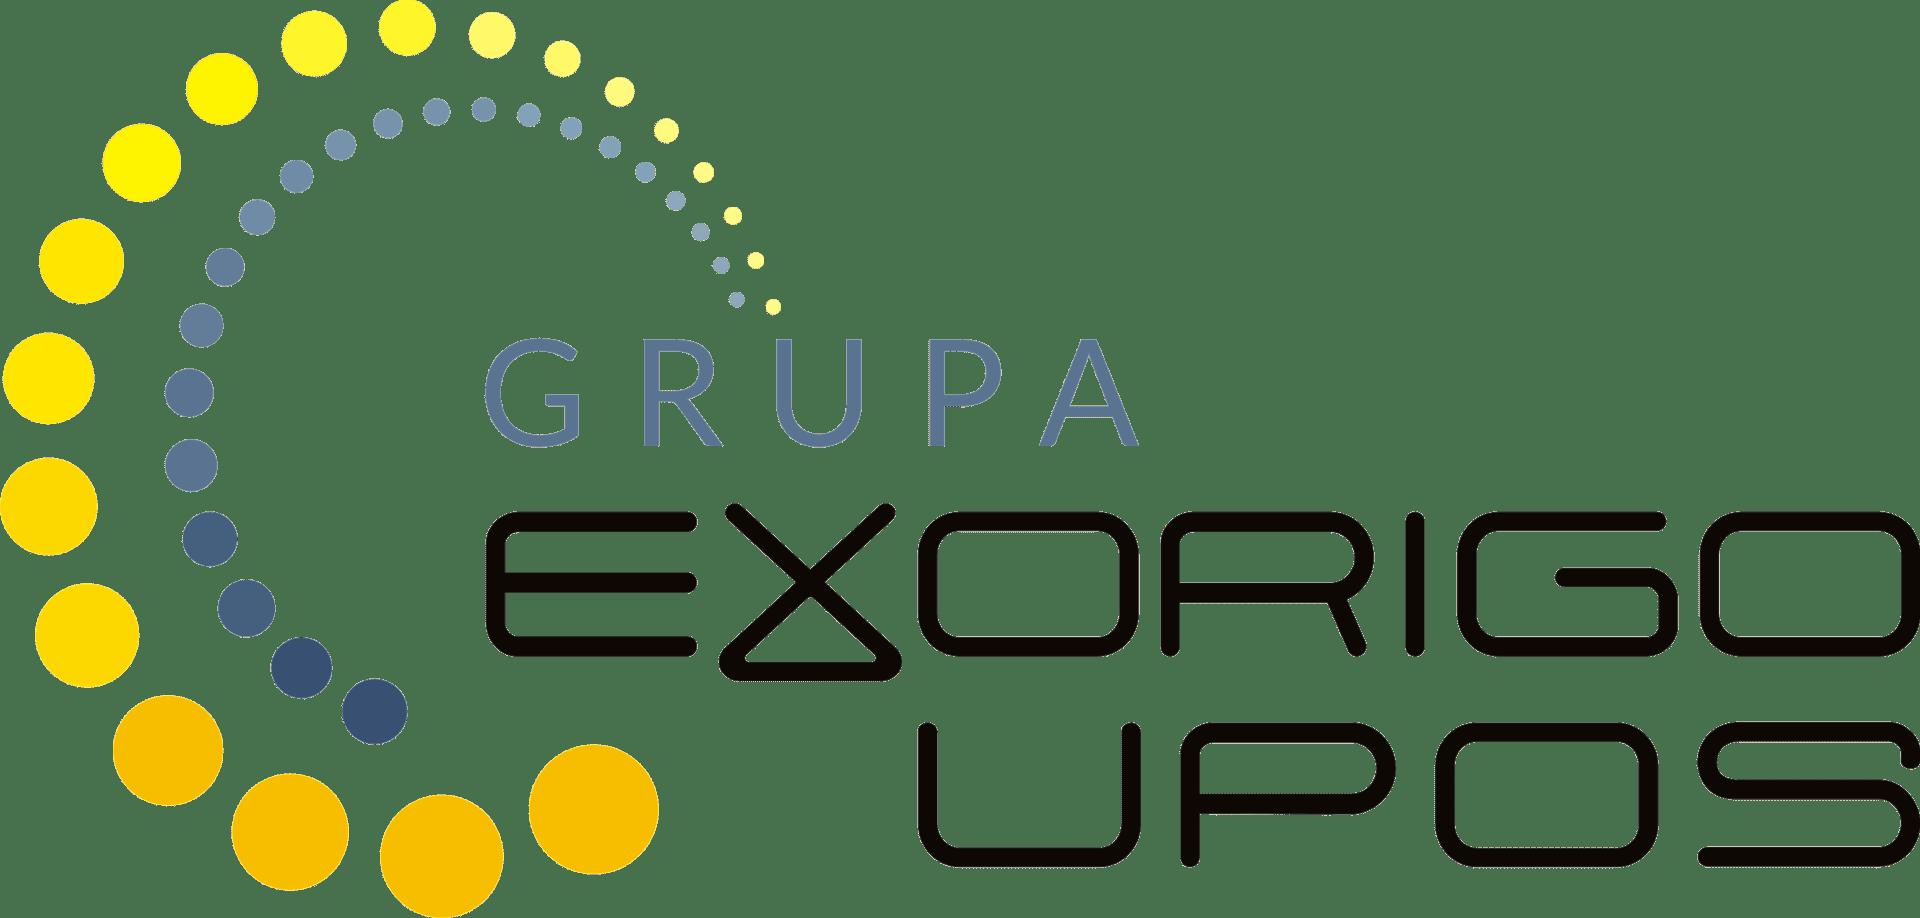 Exorigo-Upos S.A